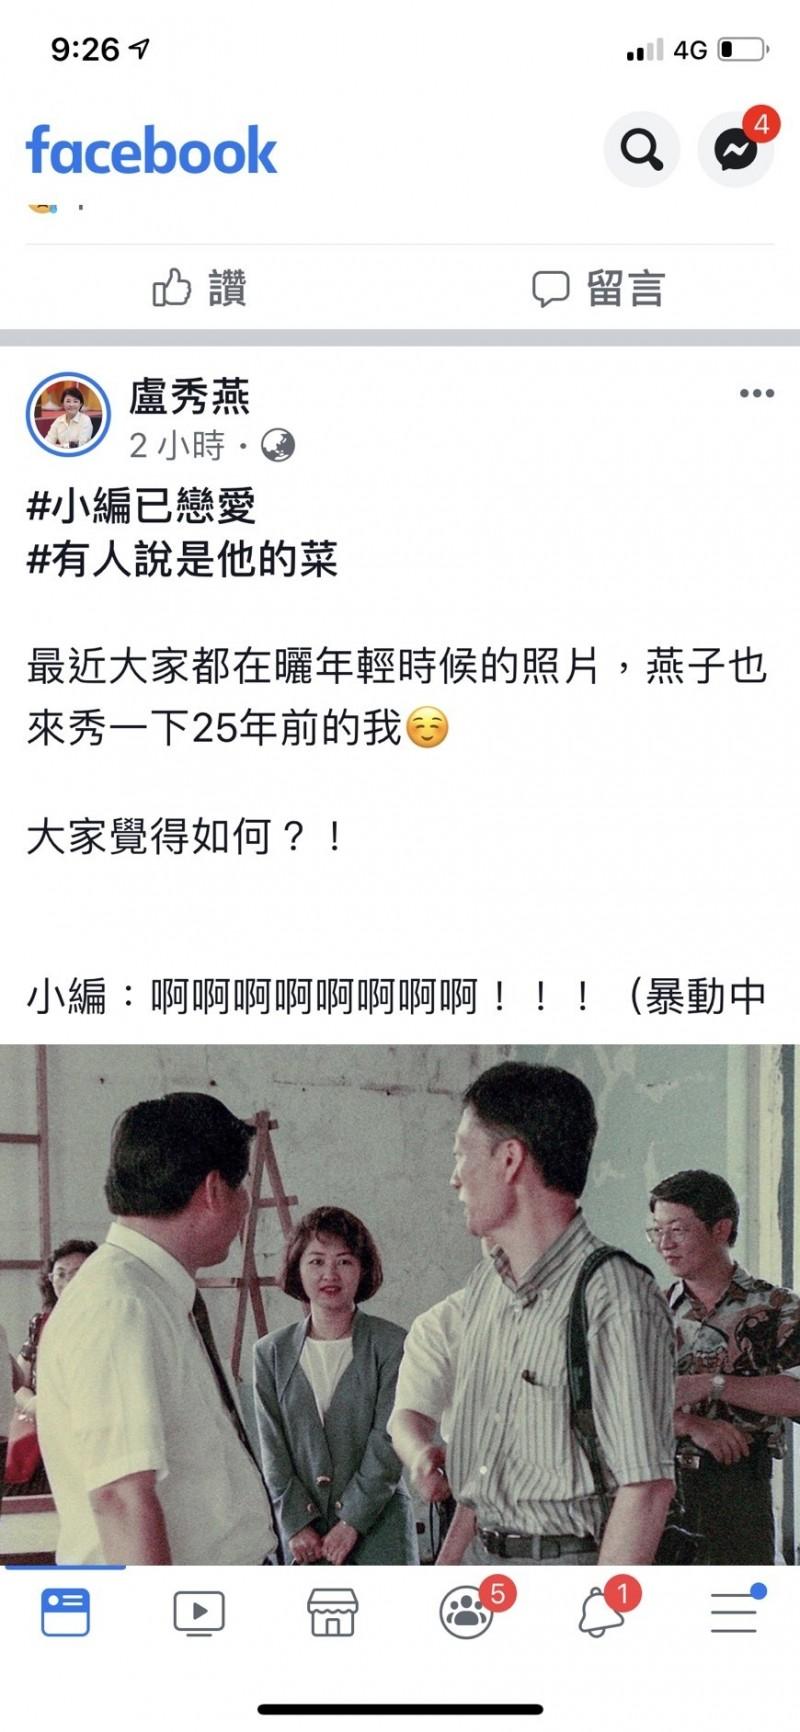 盧秀燕曝25年前舊照 網友戲稱「報告市長:回不去了」